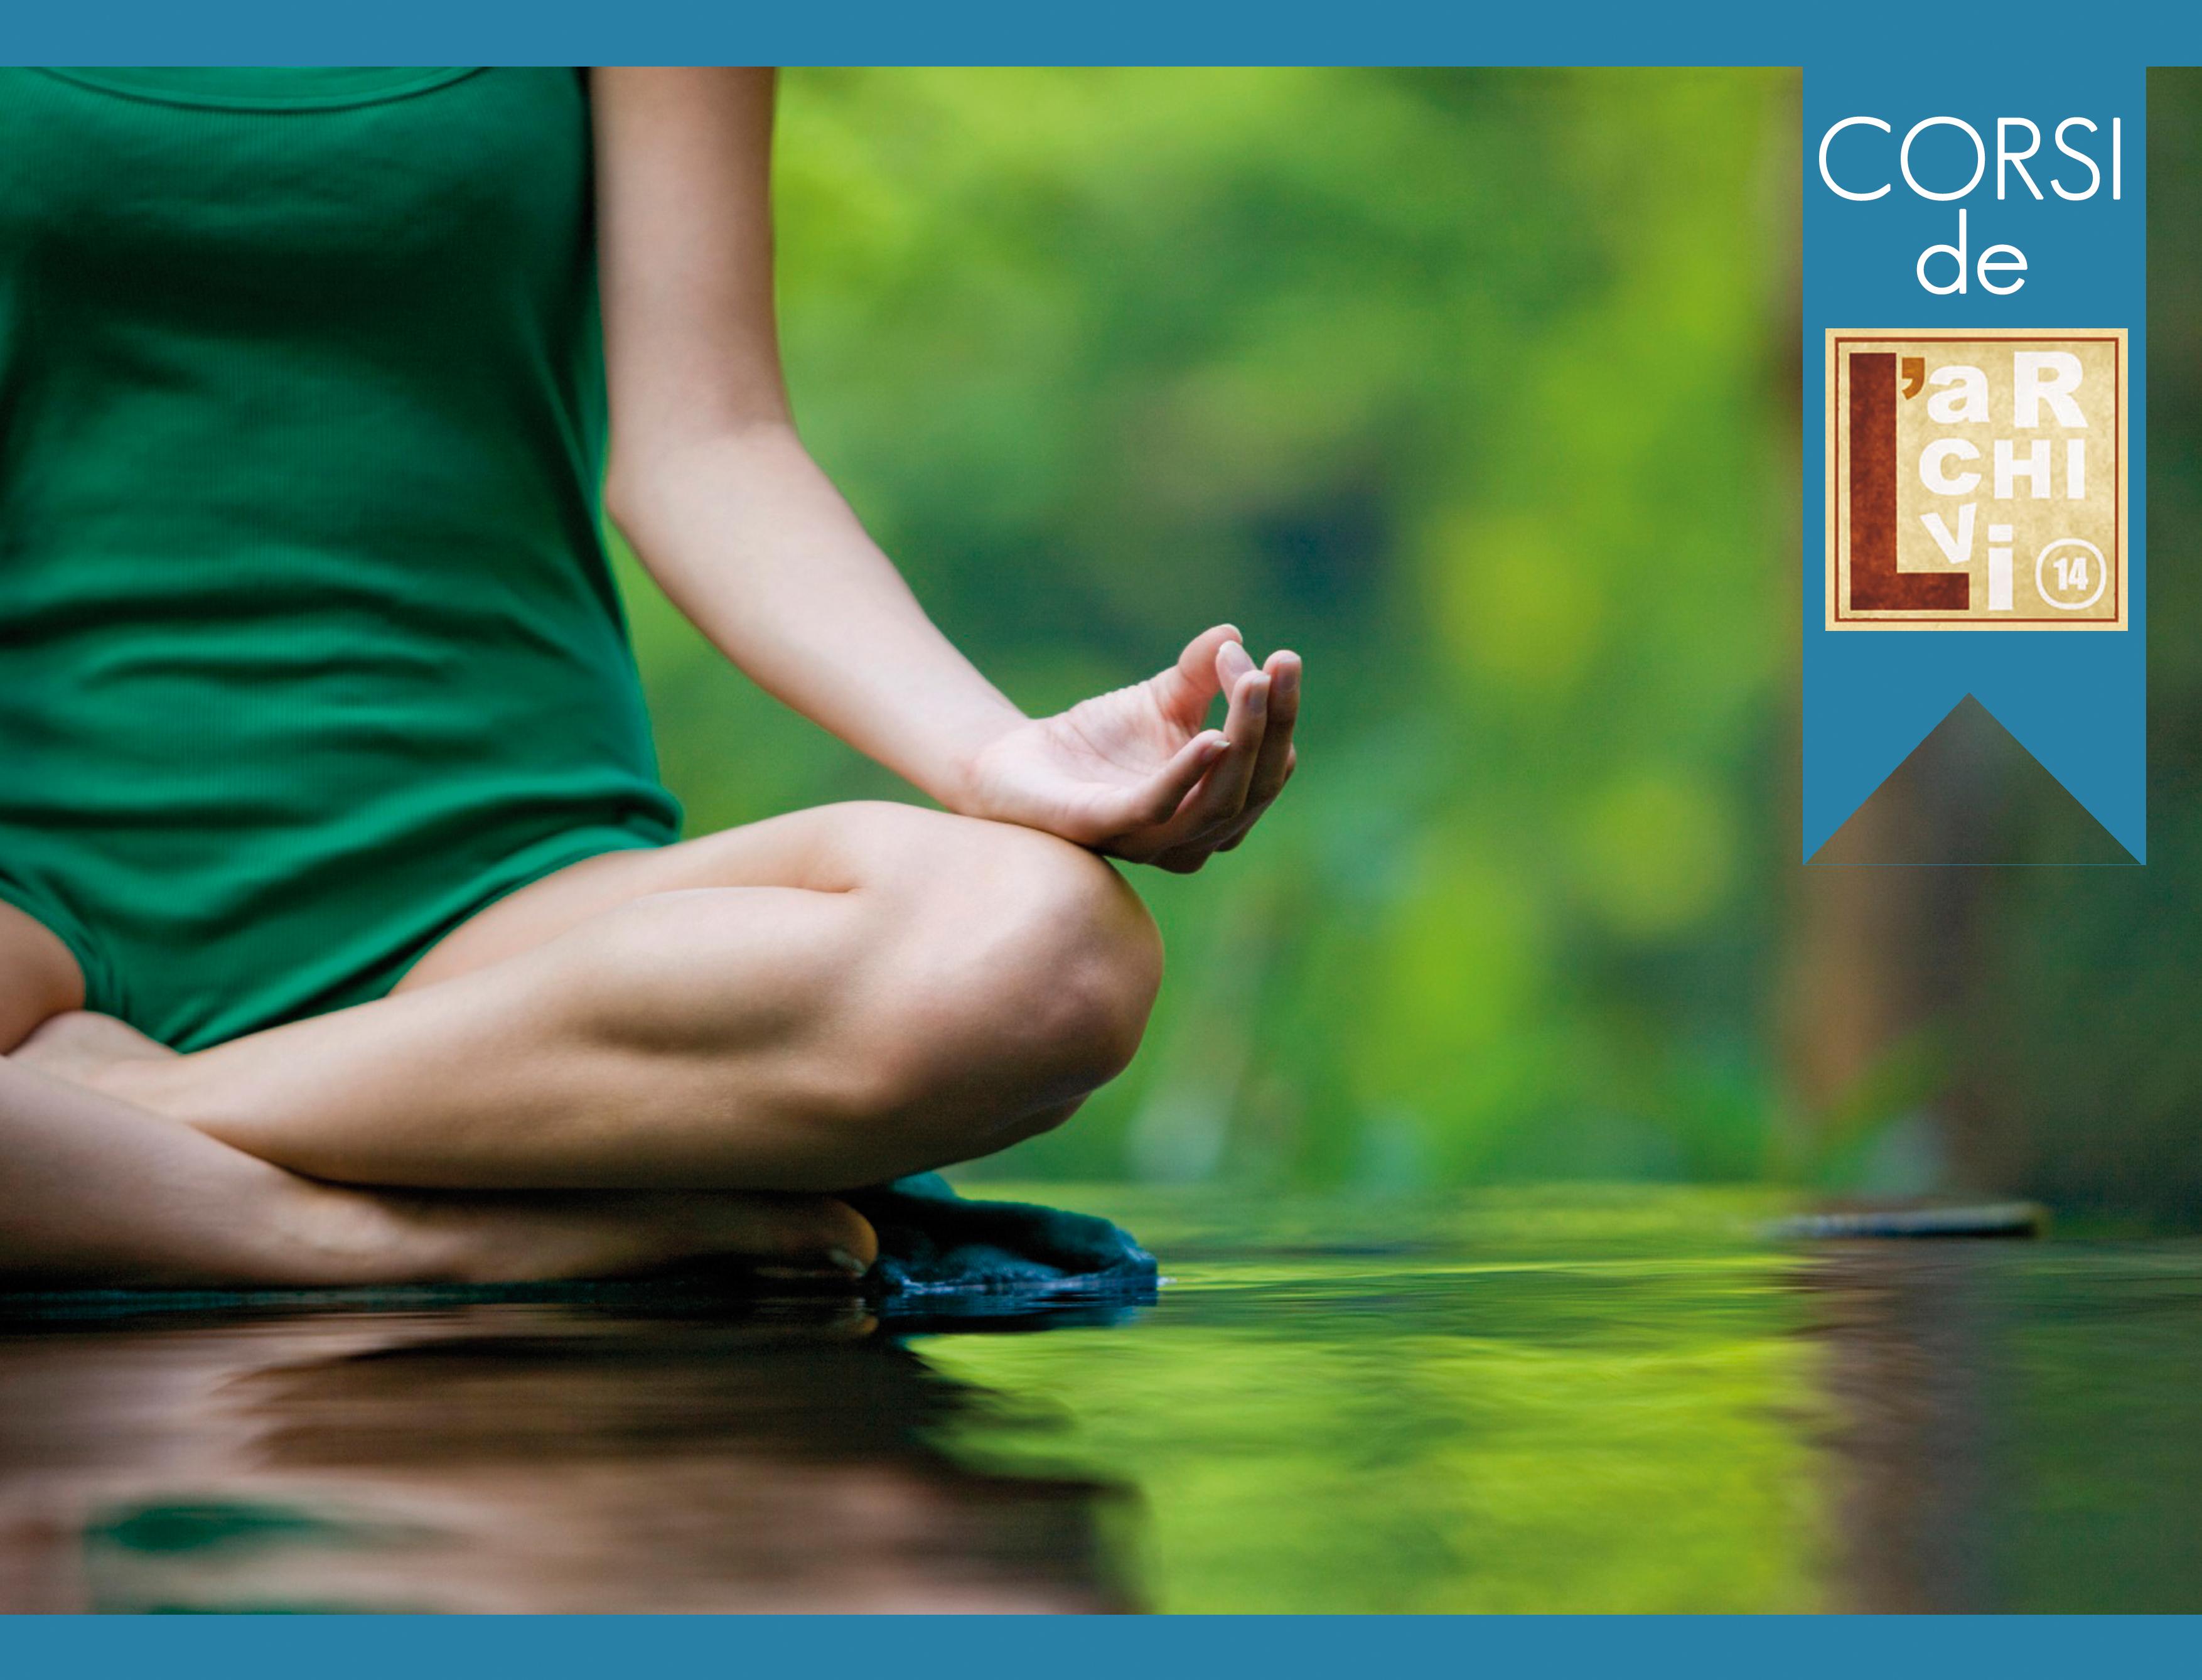 Corso di Hatha Yoga <br/> lunedì dalle 19:30